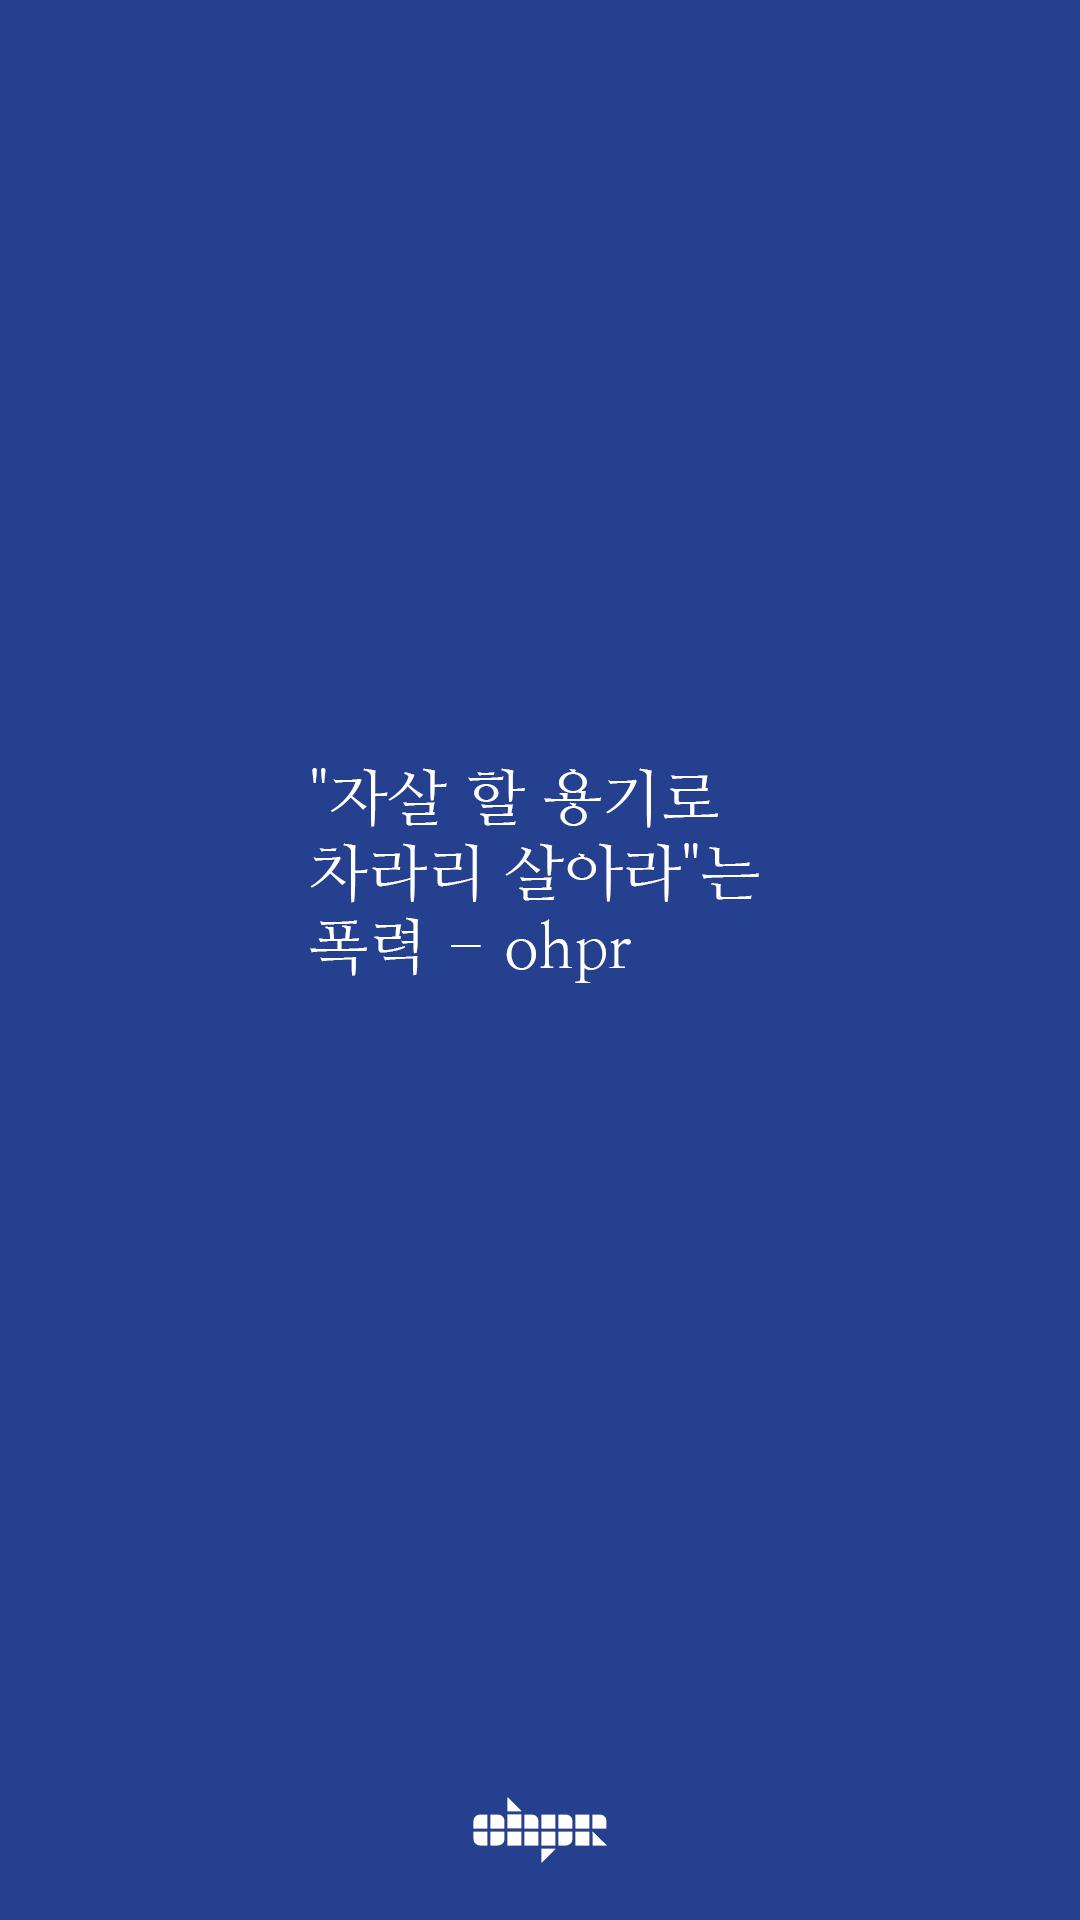 ohpr_wording15